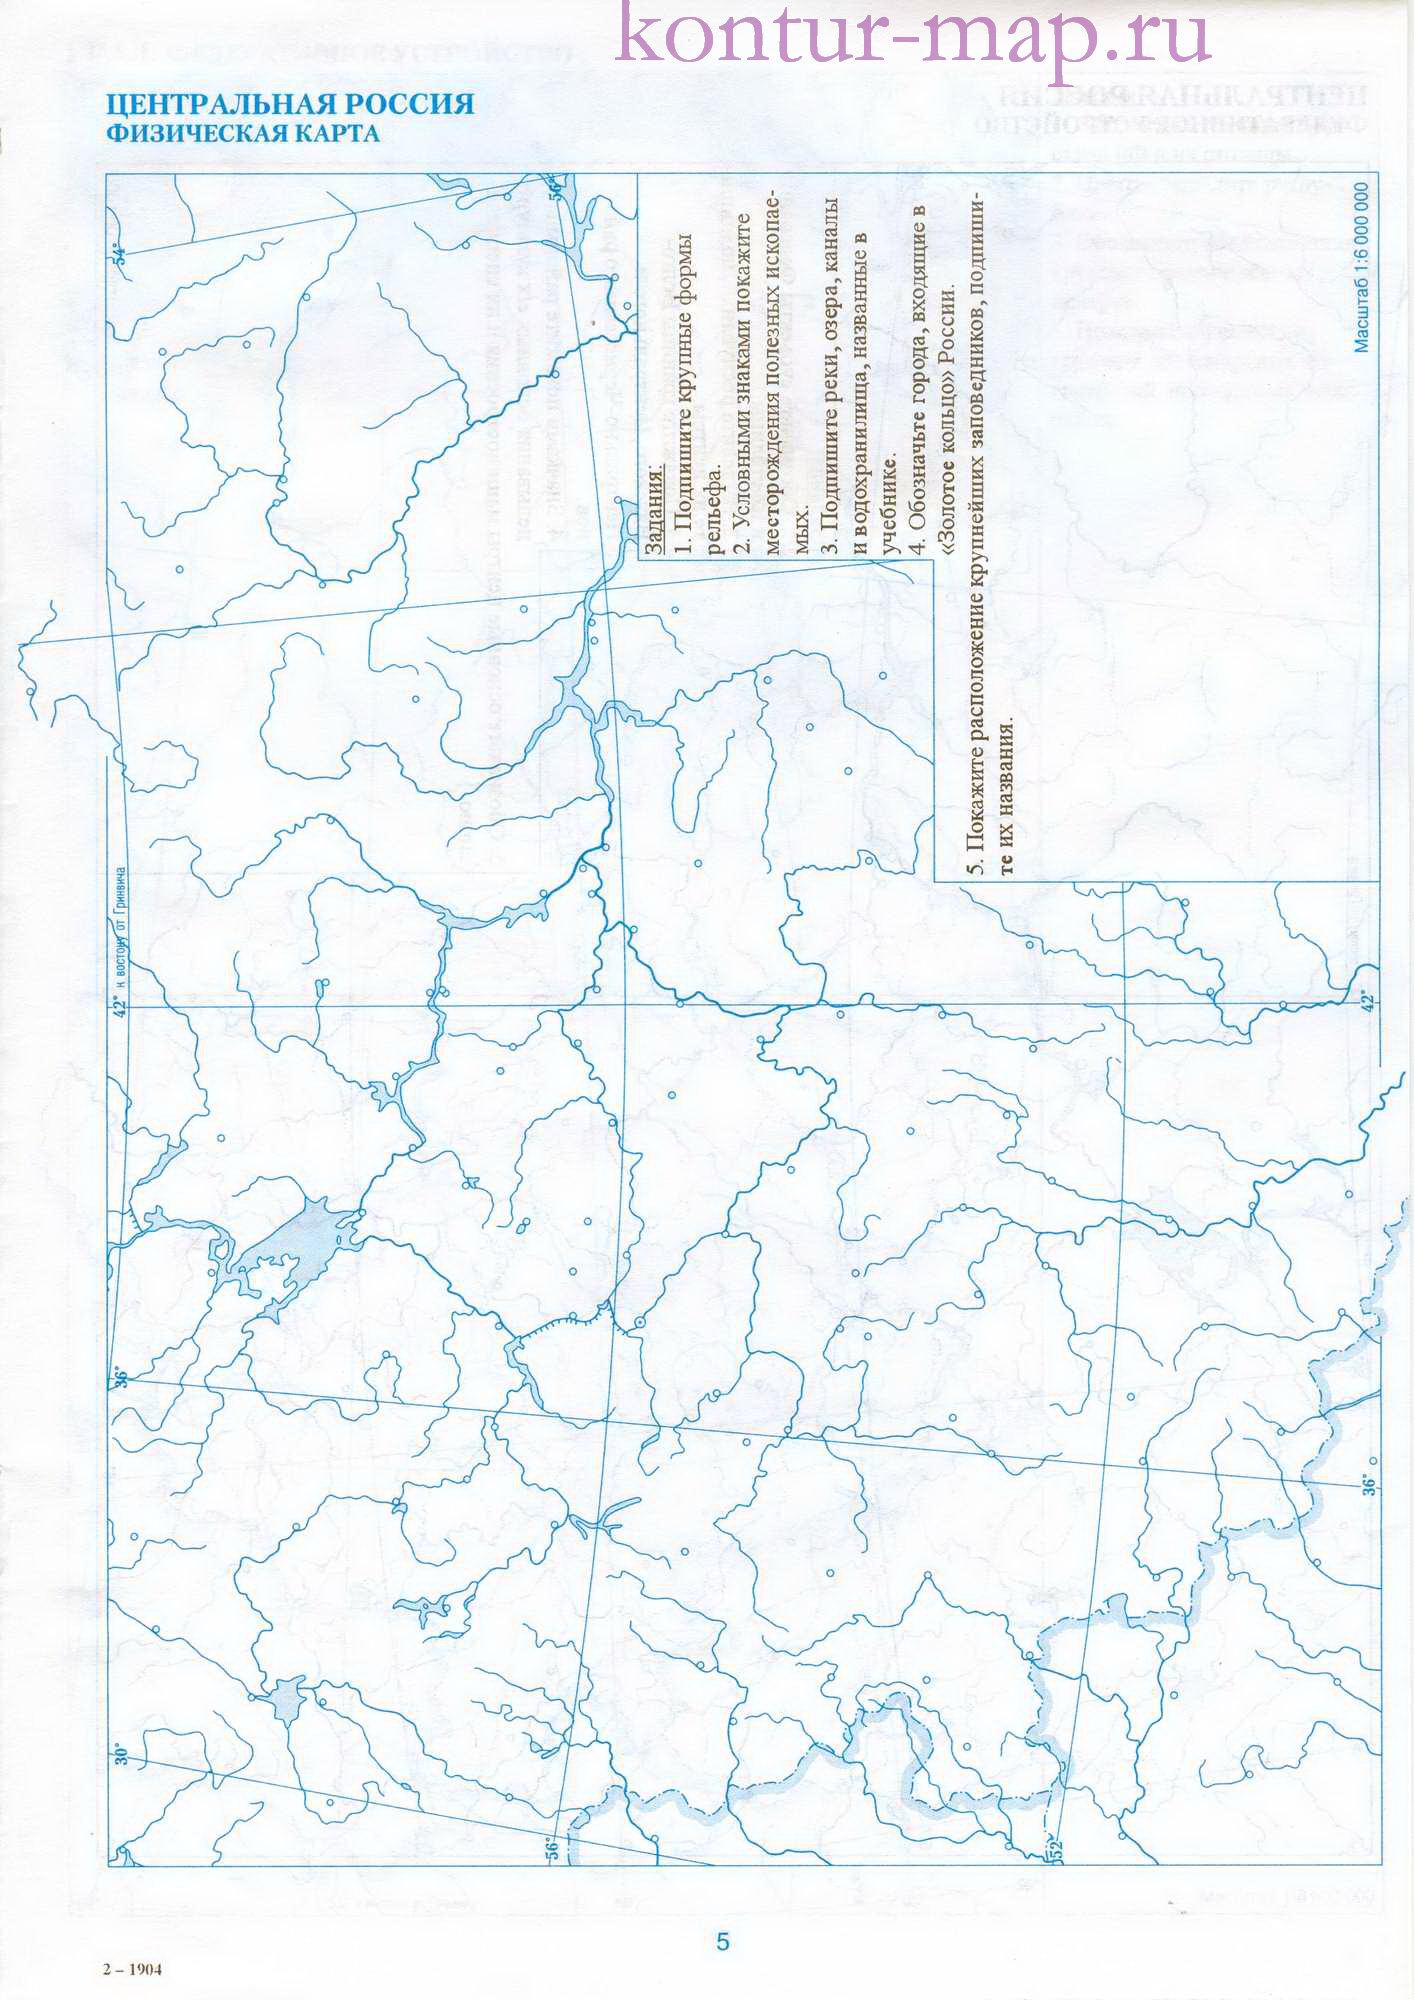 Гдз Контурные Карты 9 Класс Центральная Россия Гдз